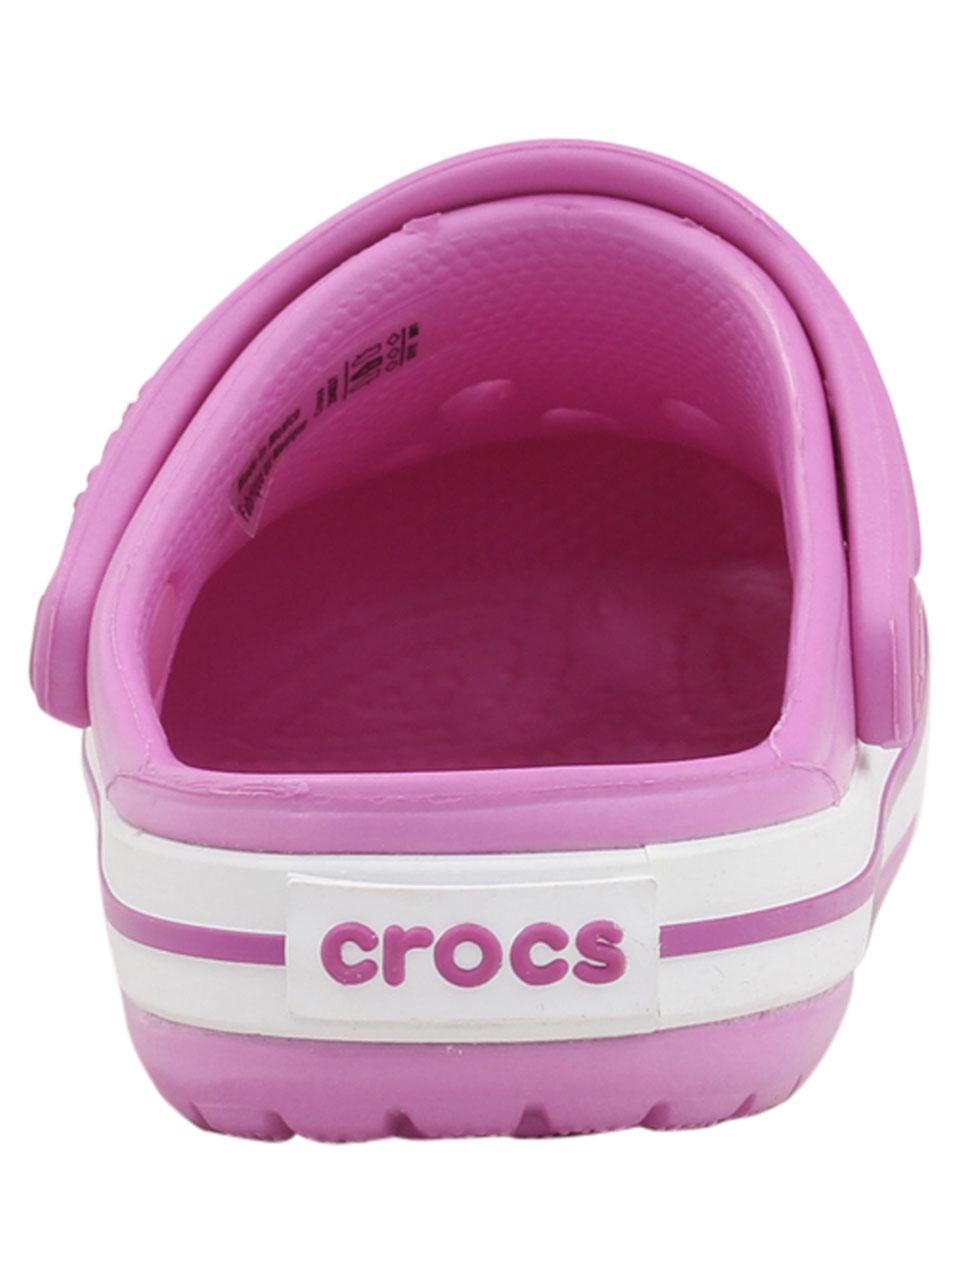 Crocs-Little-Kid-039-s-Crocband-Clogs-Sandals-Shoes thumbnail 11